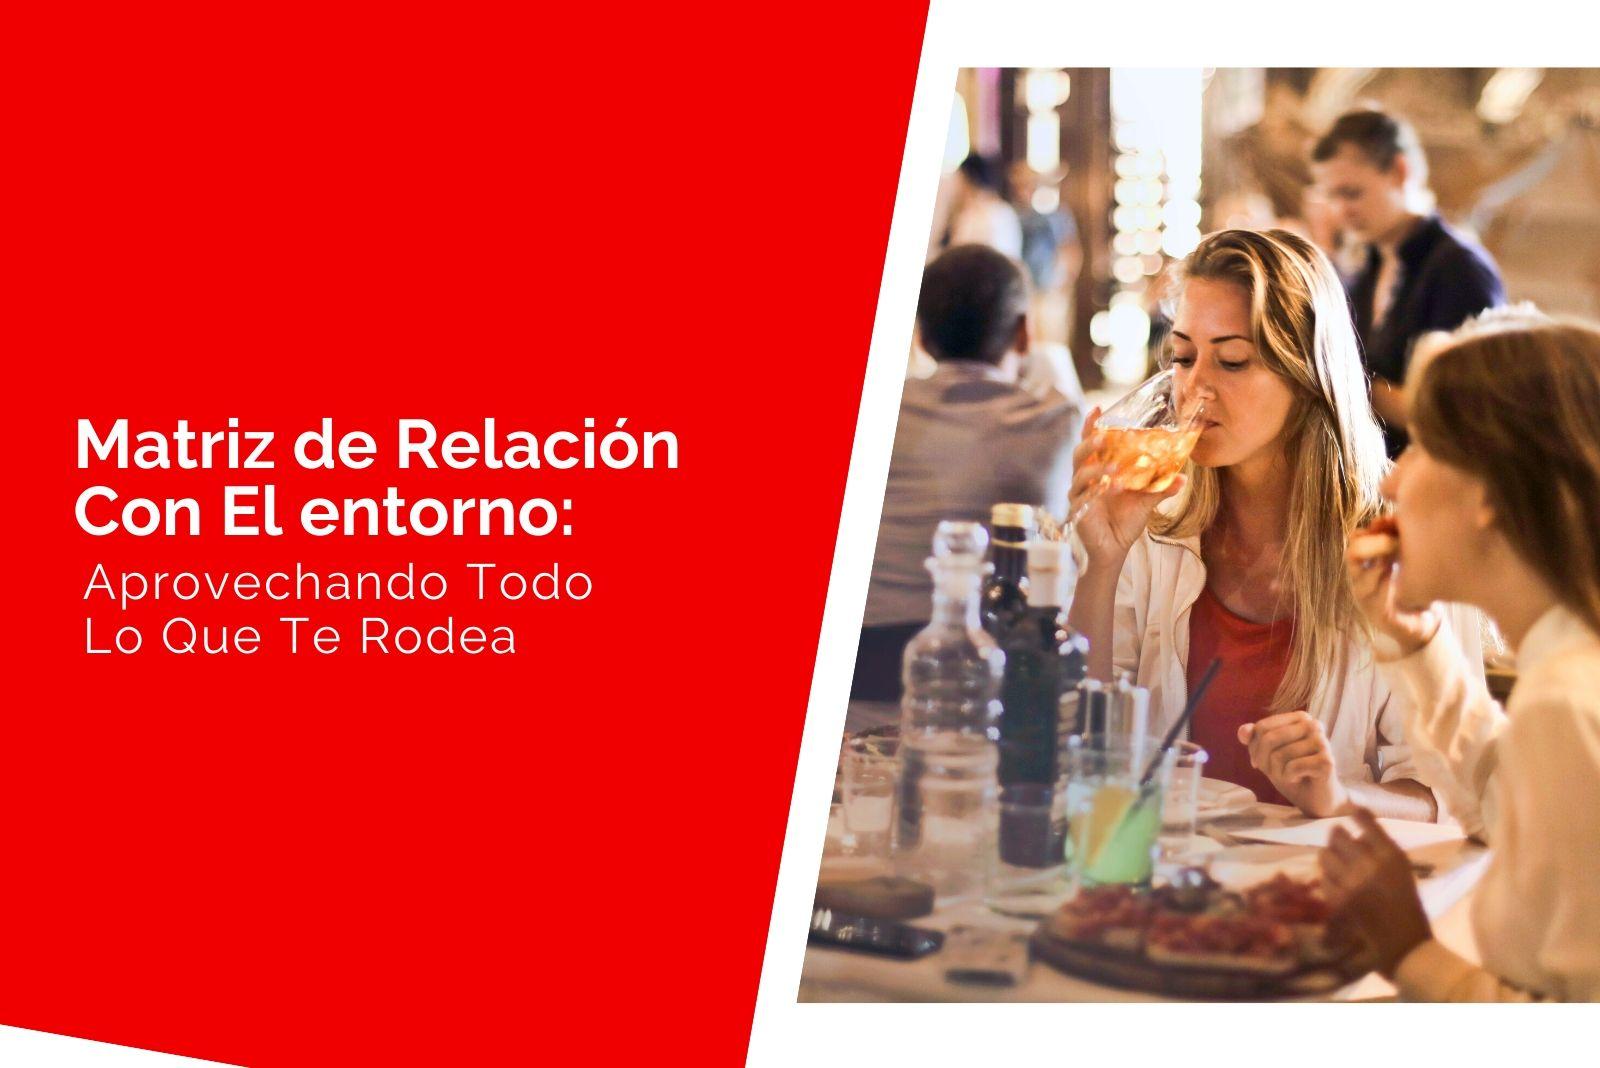 Héctor Jimenez - Qué es la Matriz de 6 campos - Relación con el entorno 1